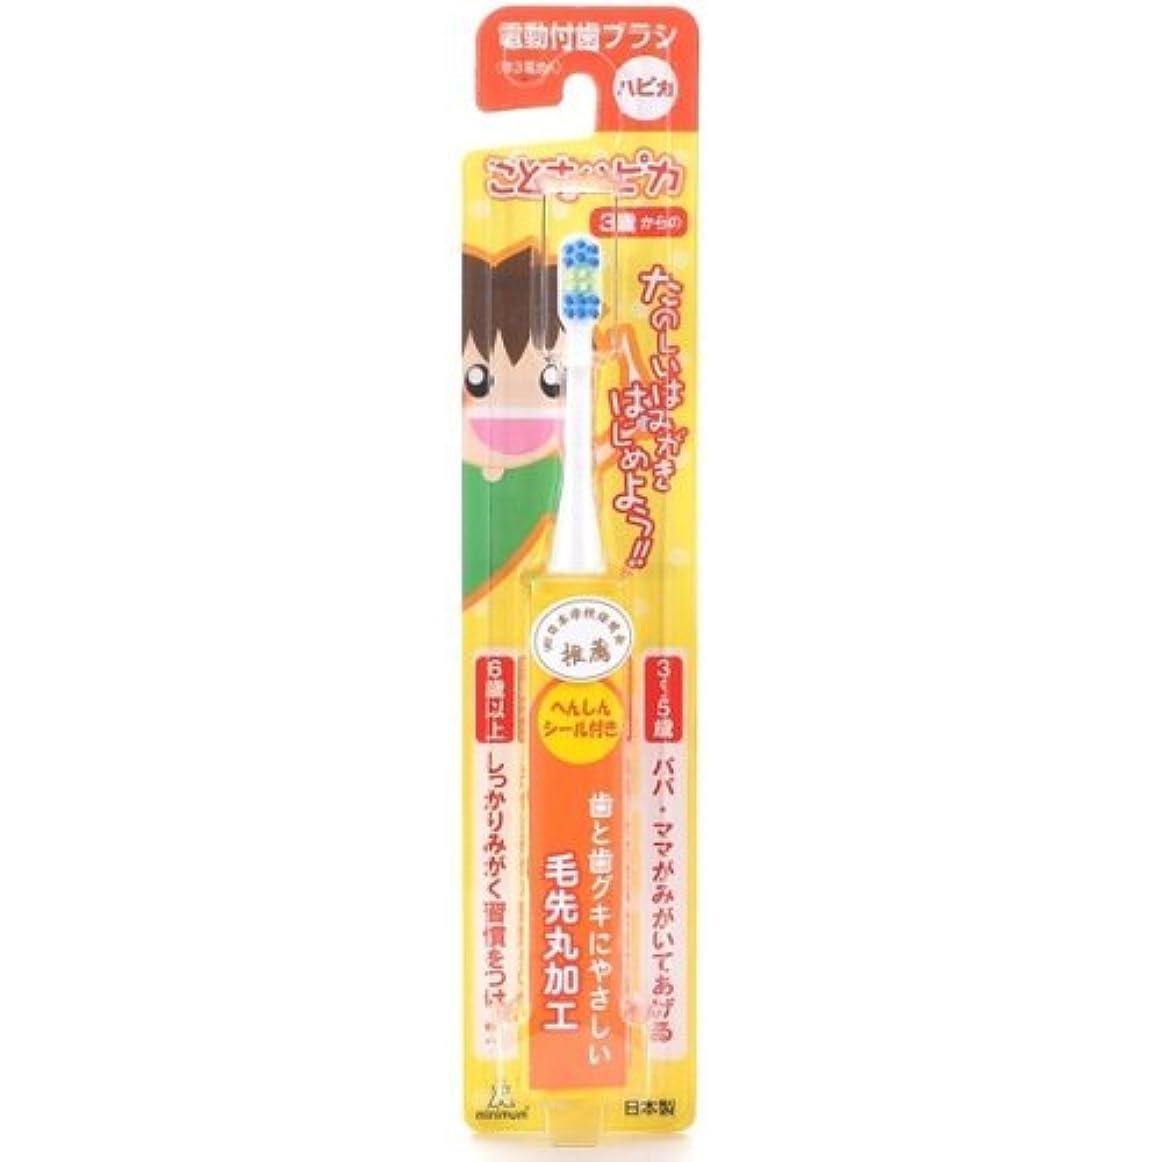 コンクリートコンクリート罰するミニマム 電動付歯ブラシ こどもハピカ イエロー 毛の硬さ:やわらかめ DBK-1Y(BP)